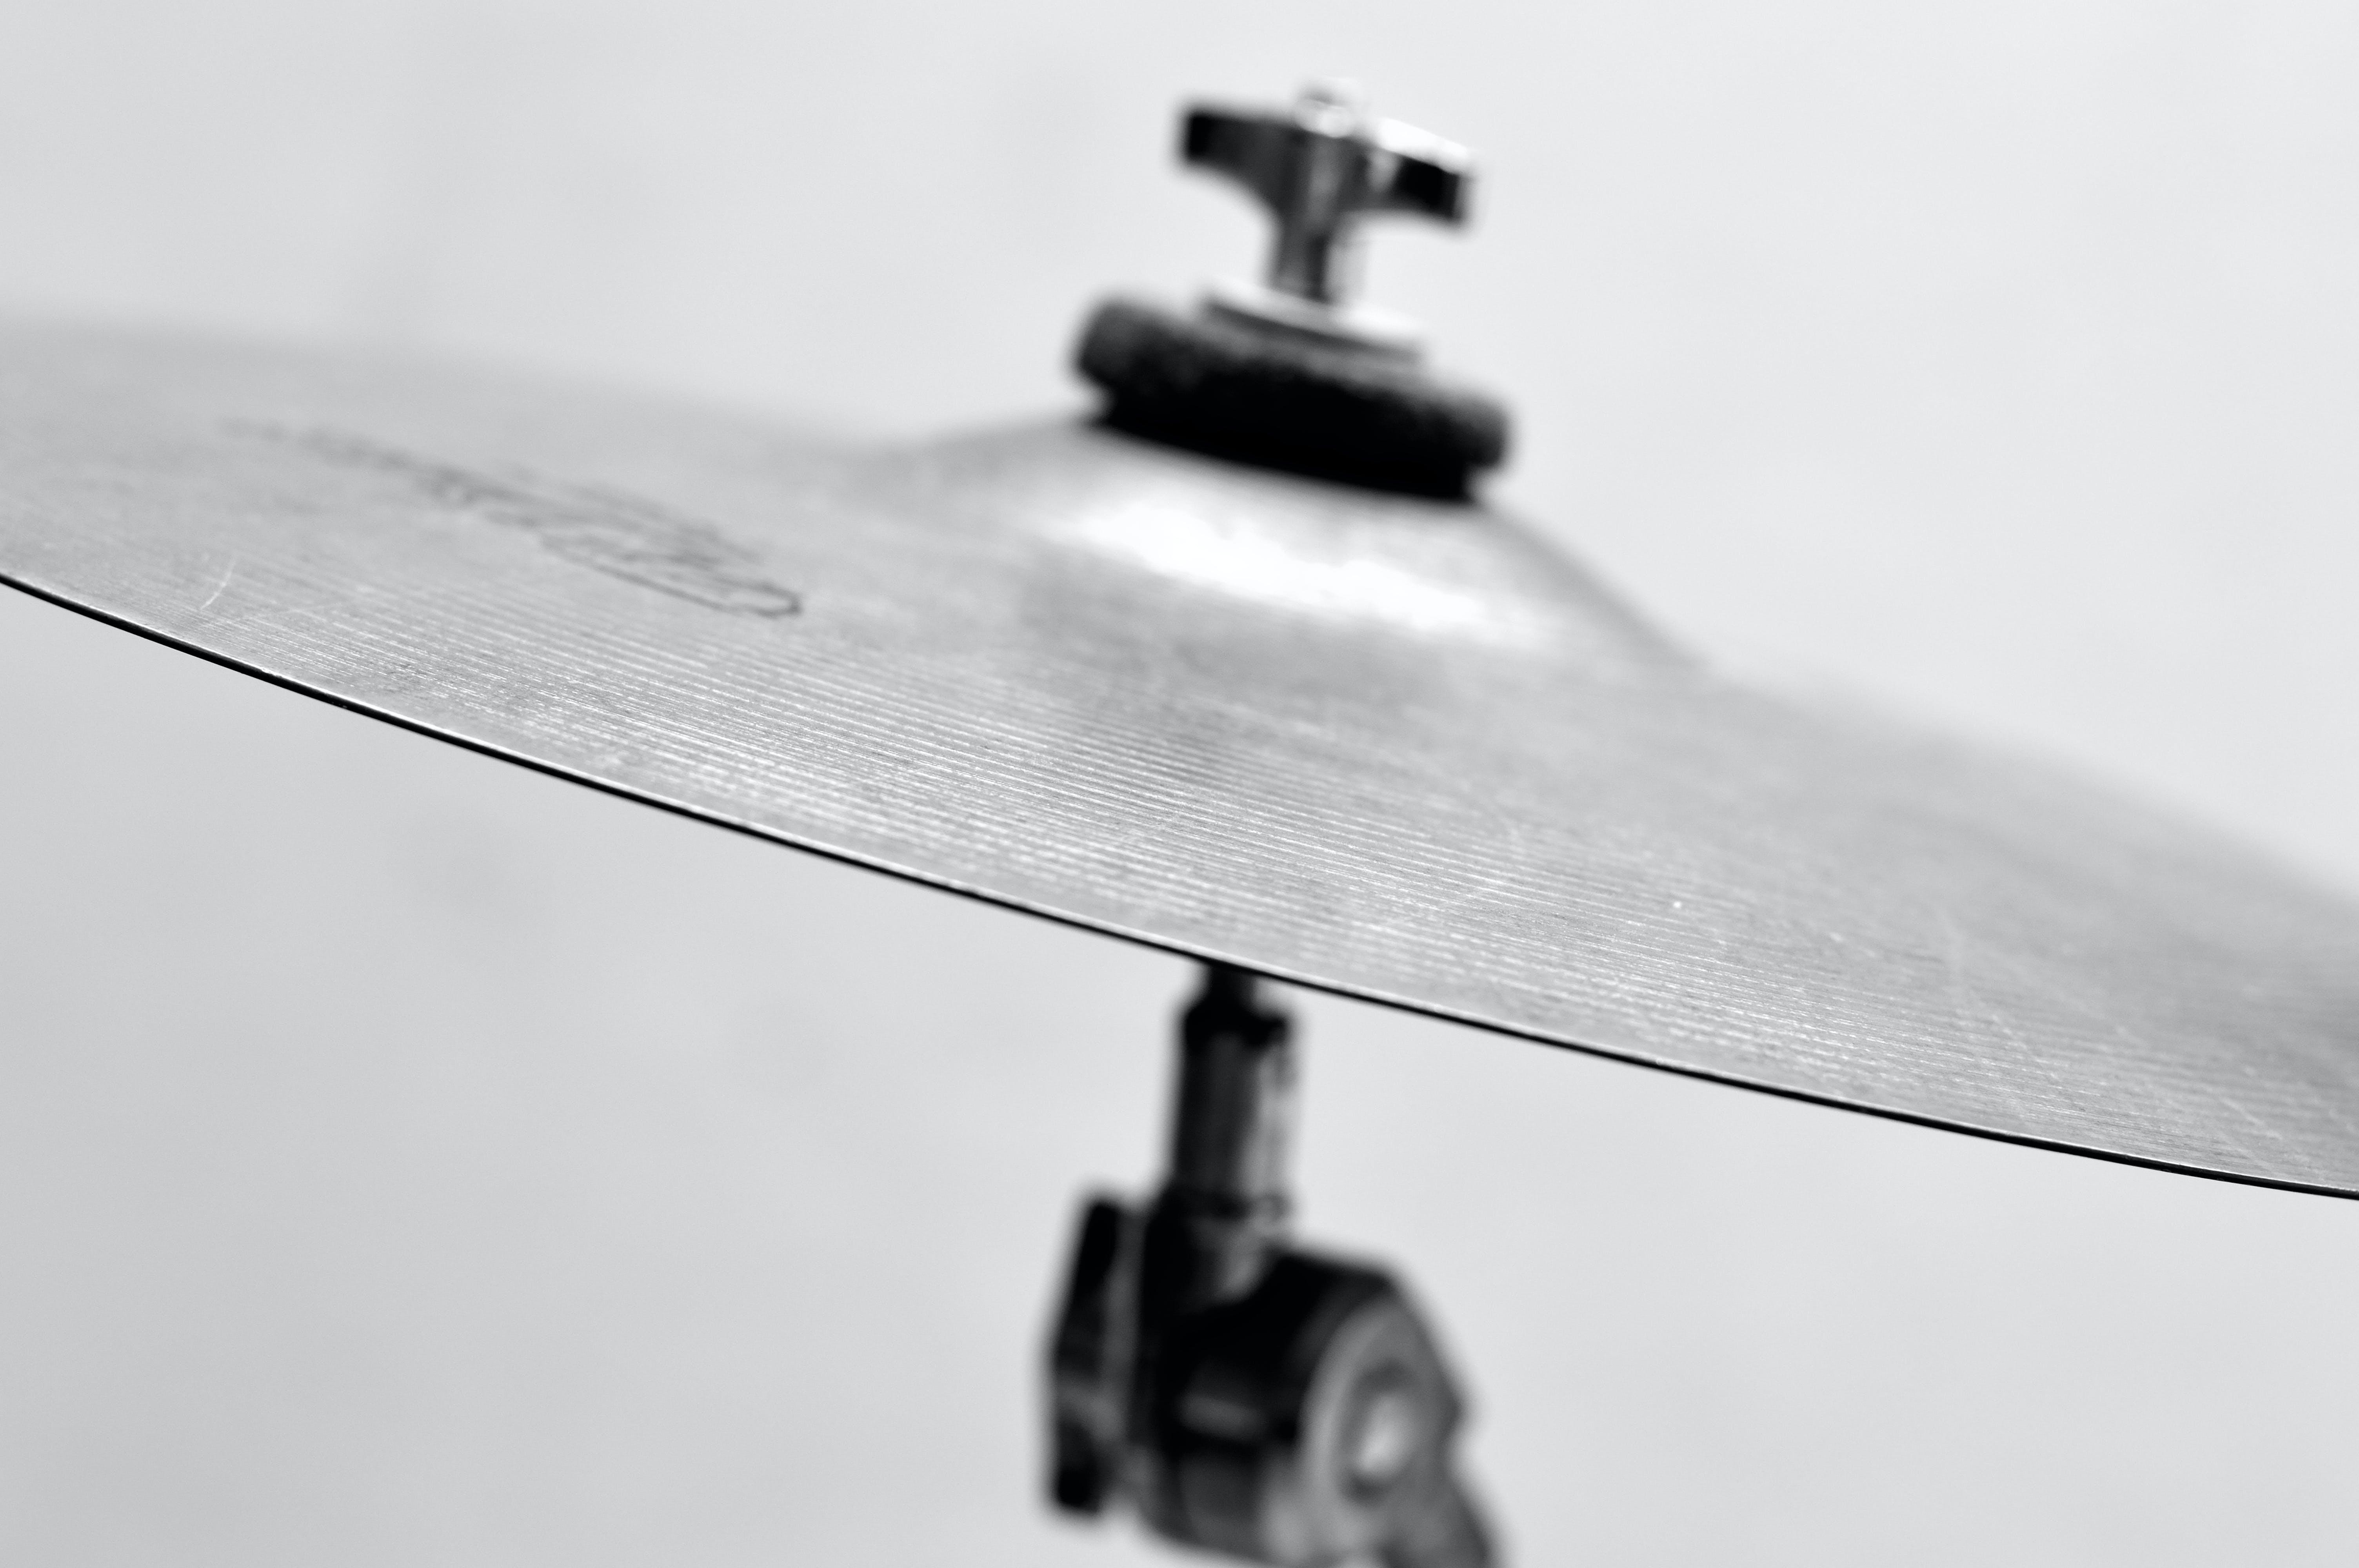 Безкоштовне стокове фото на тему «інструмент, глибина різкості, дизайн, елемент»